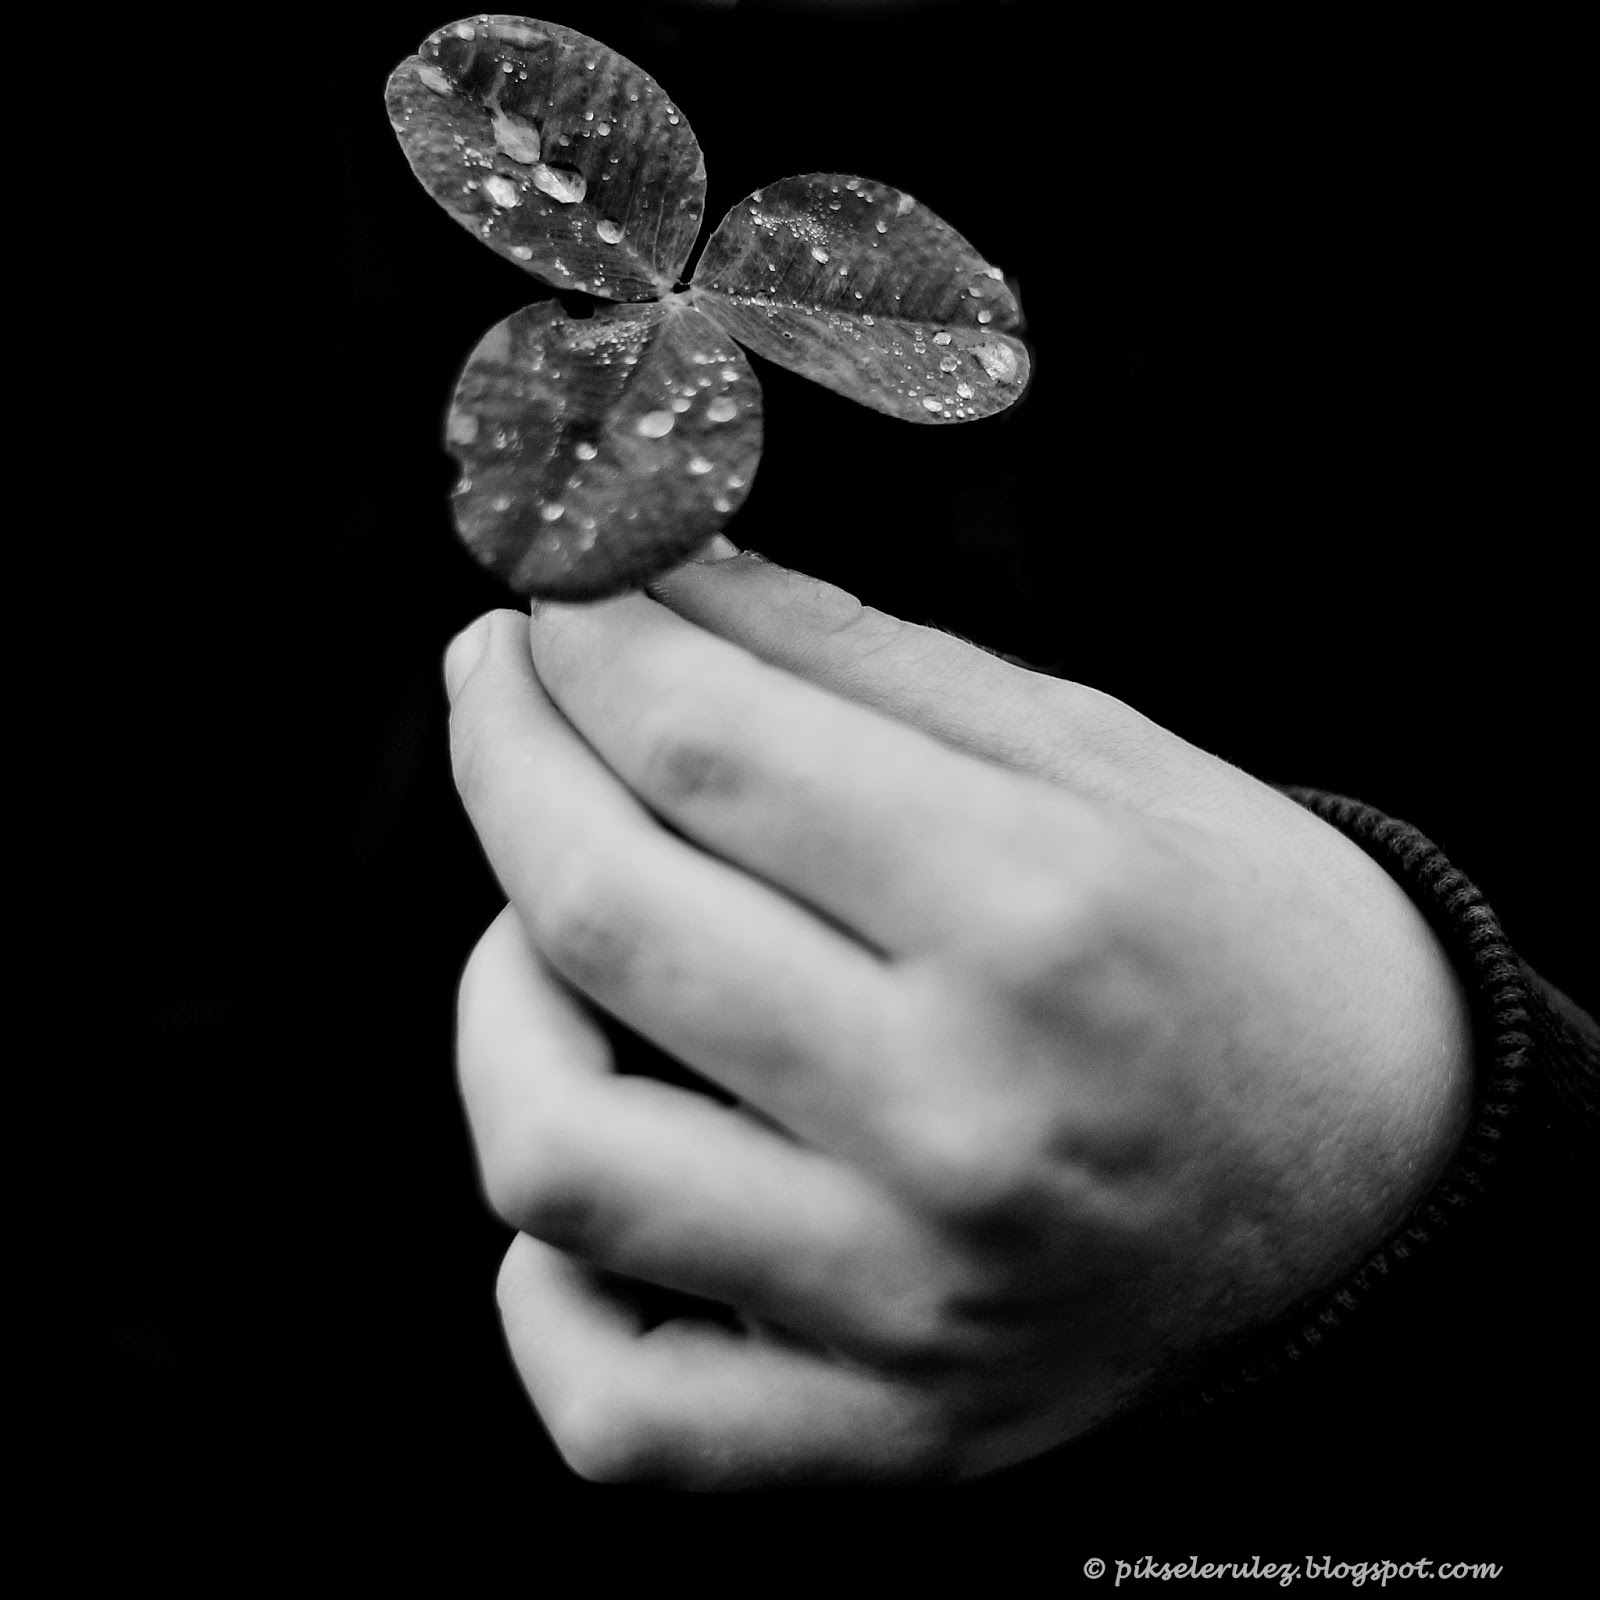 koniczyna, black and white, dziecko, fotografia